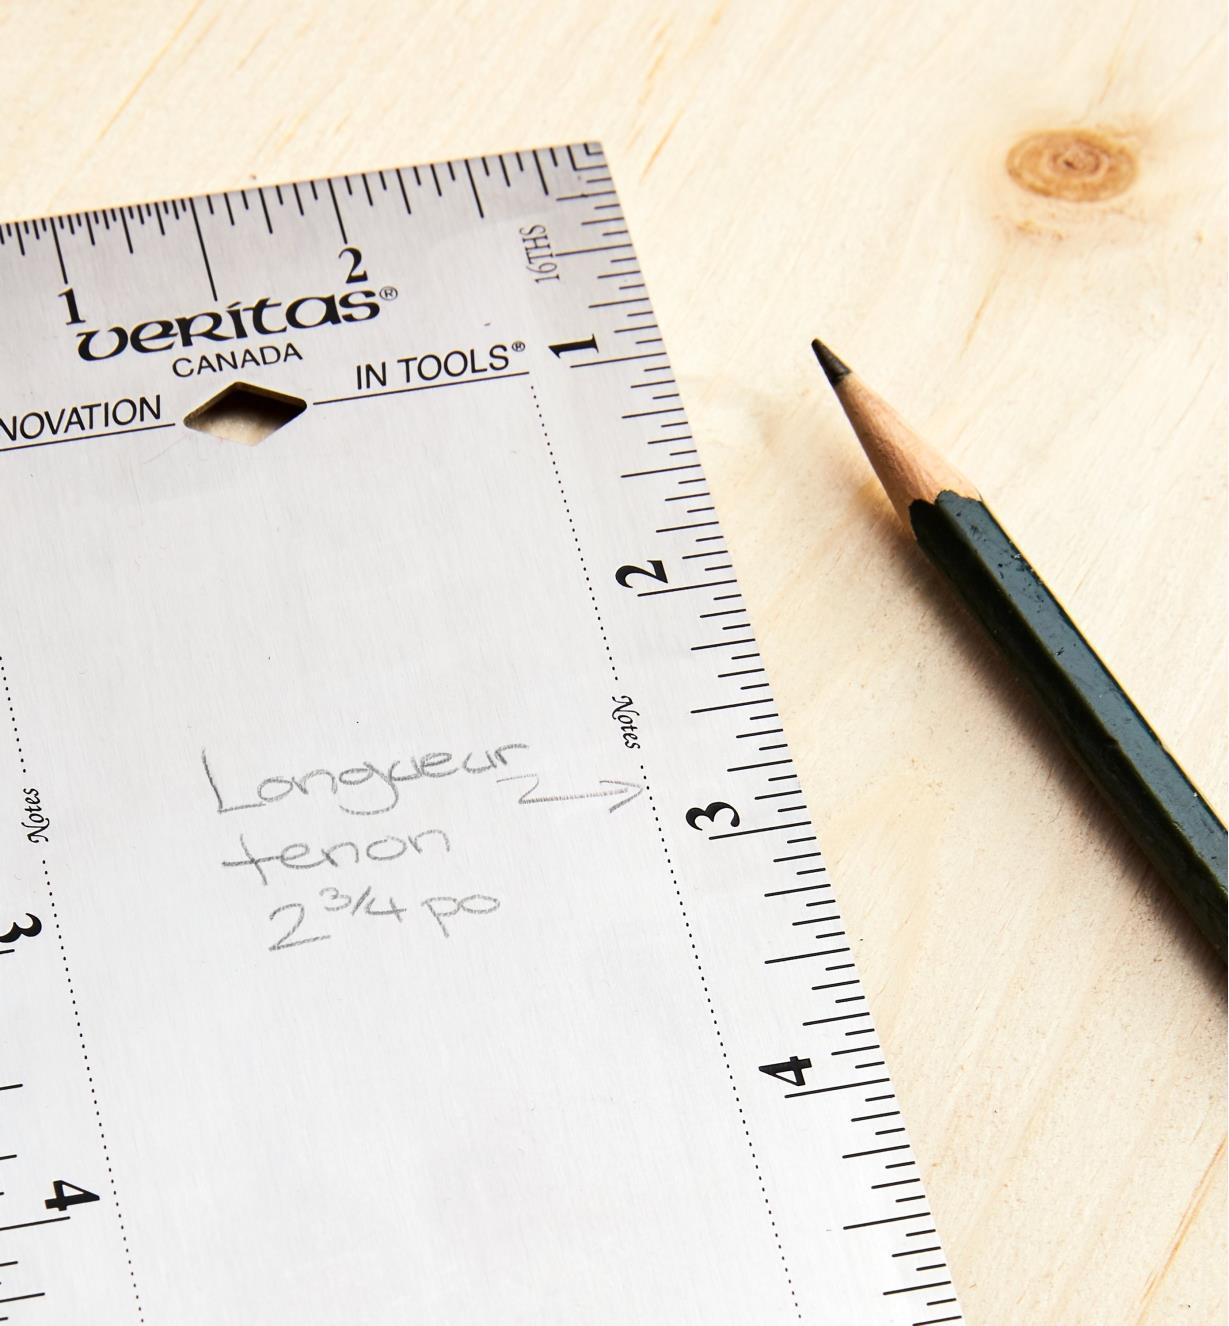 Note marquée au crayon sur la règle de 10 po Veritas